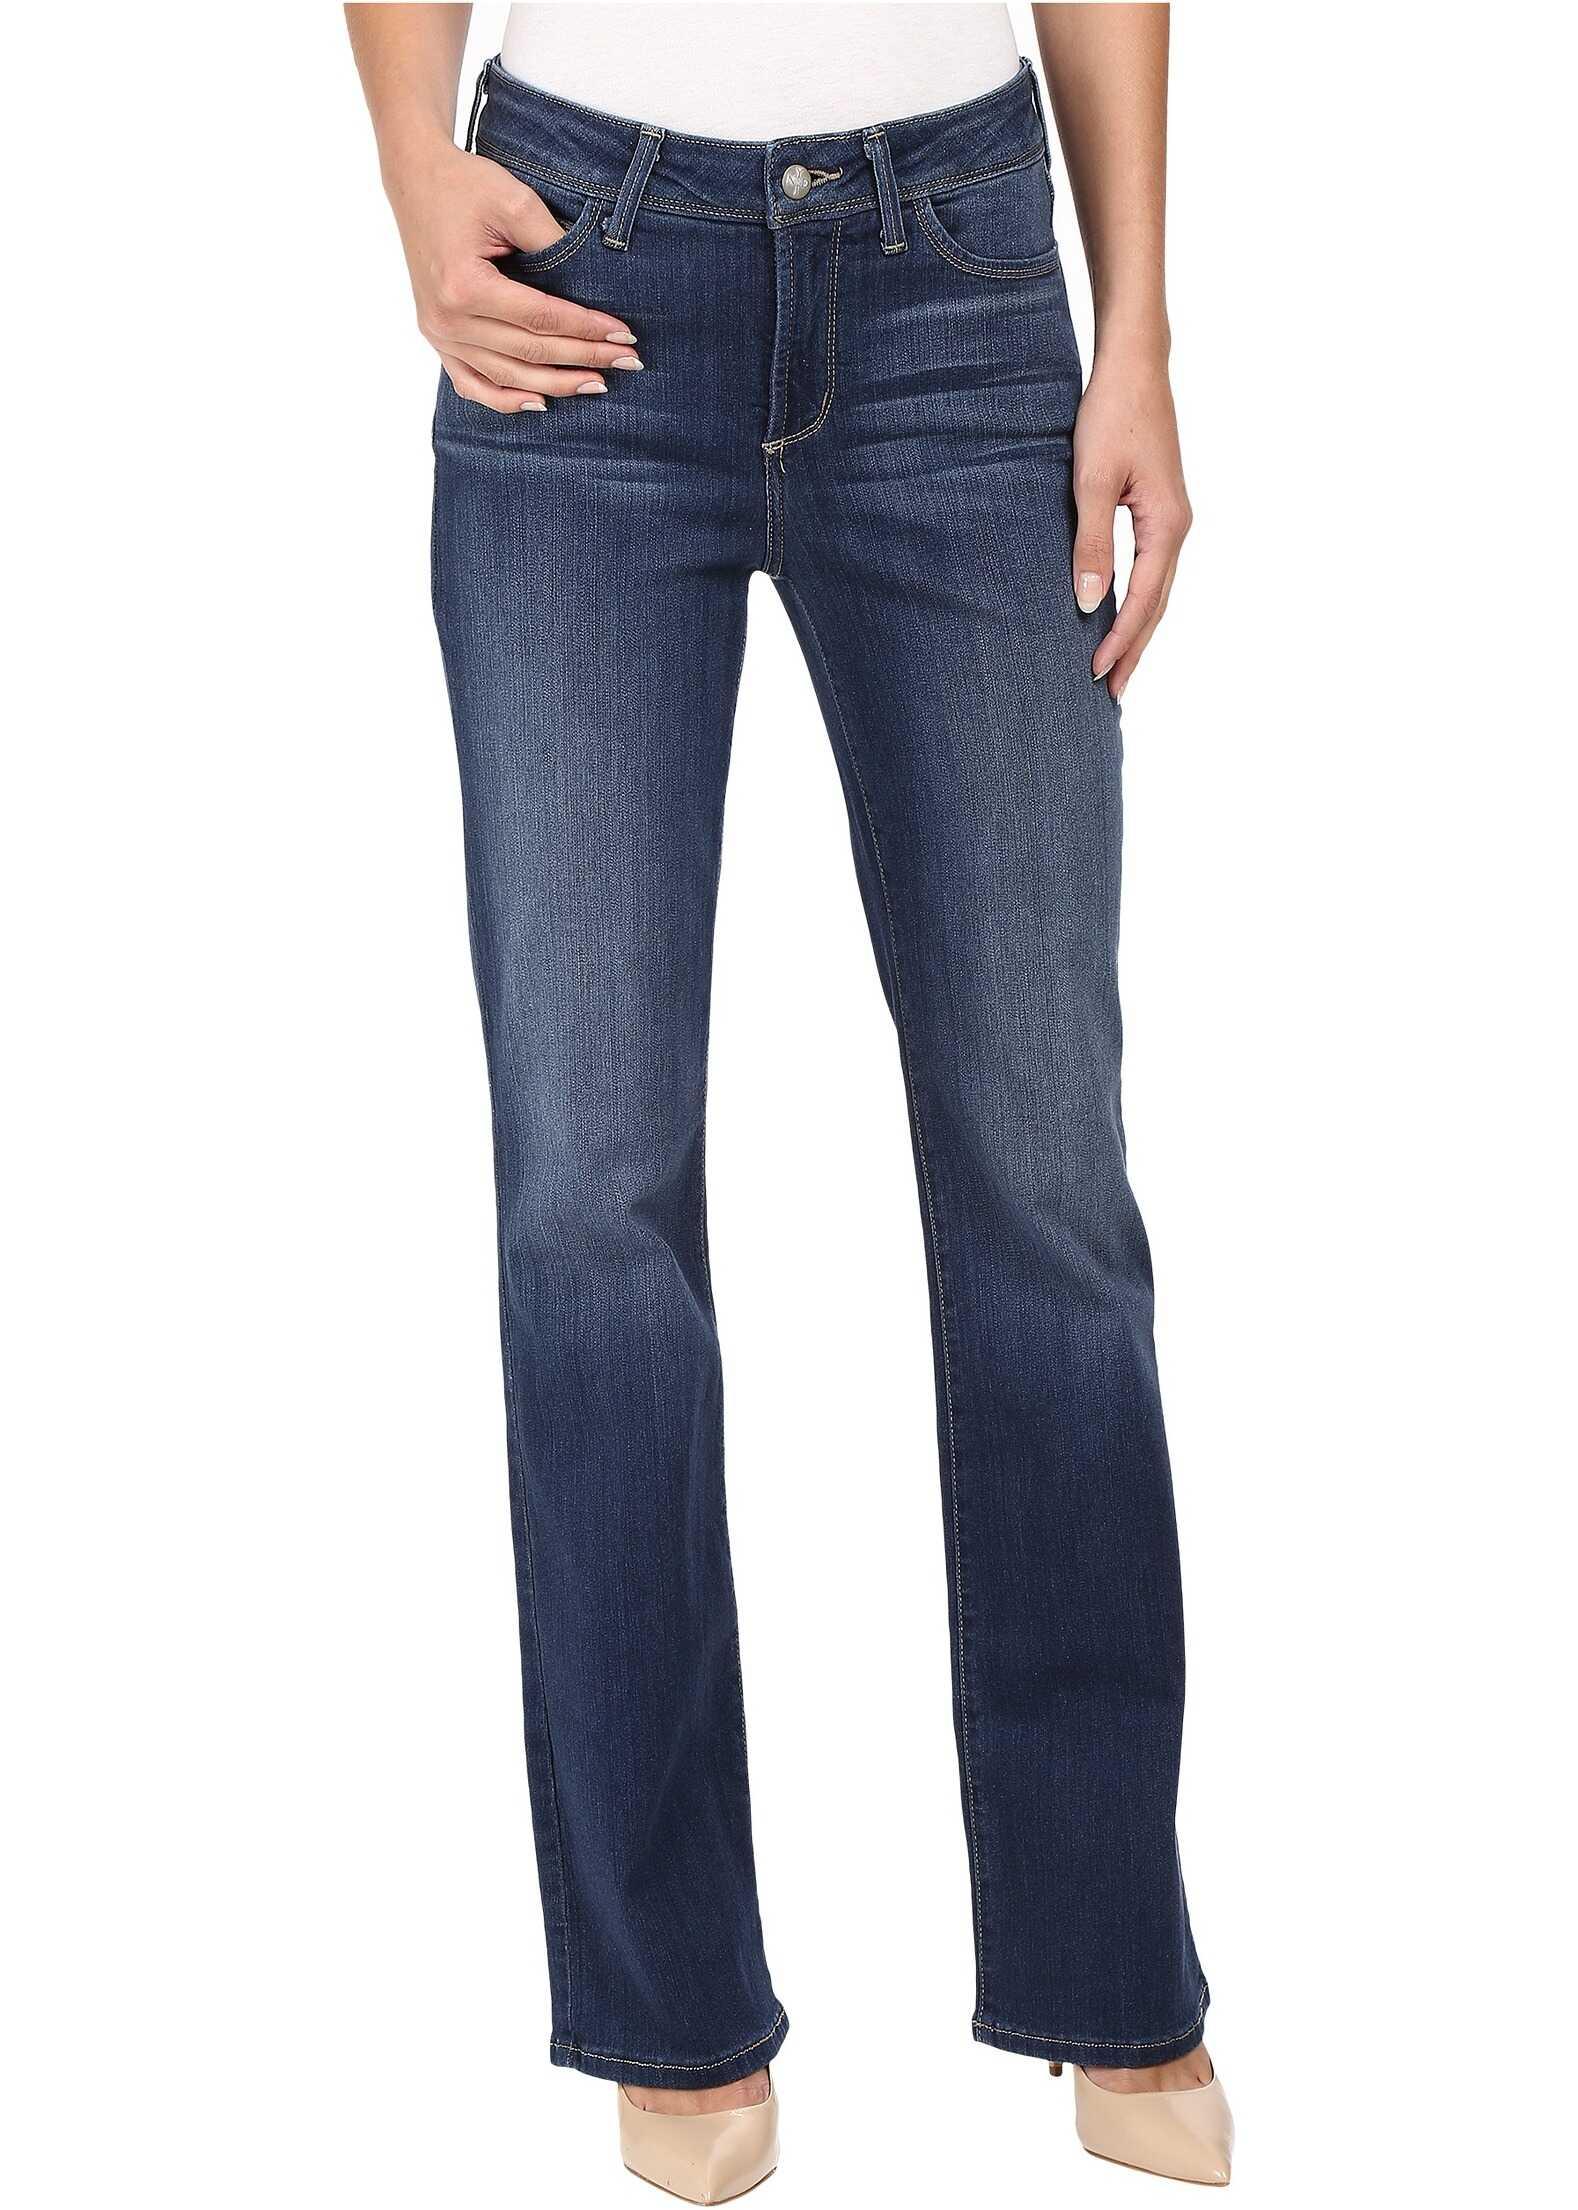 Blugi Femei Nydj Barbara Bootcut Jeans In Sure Stretch Denim Saint Veran Wash